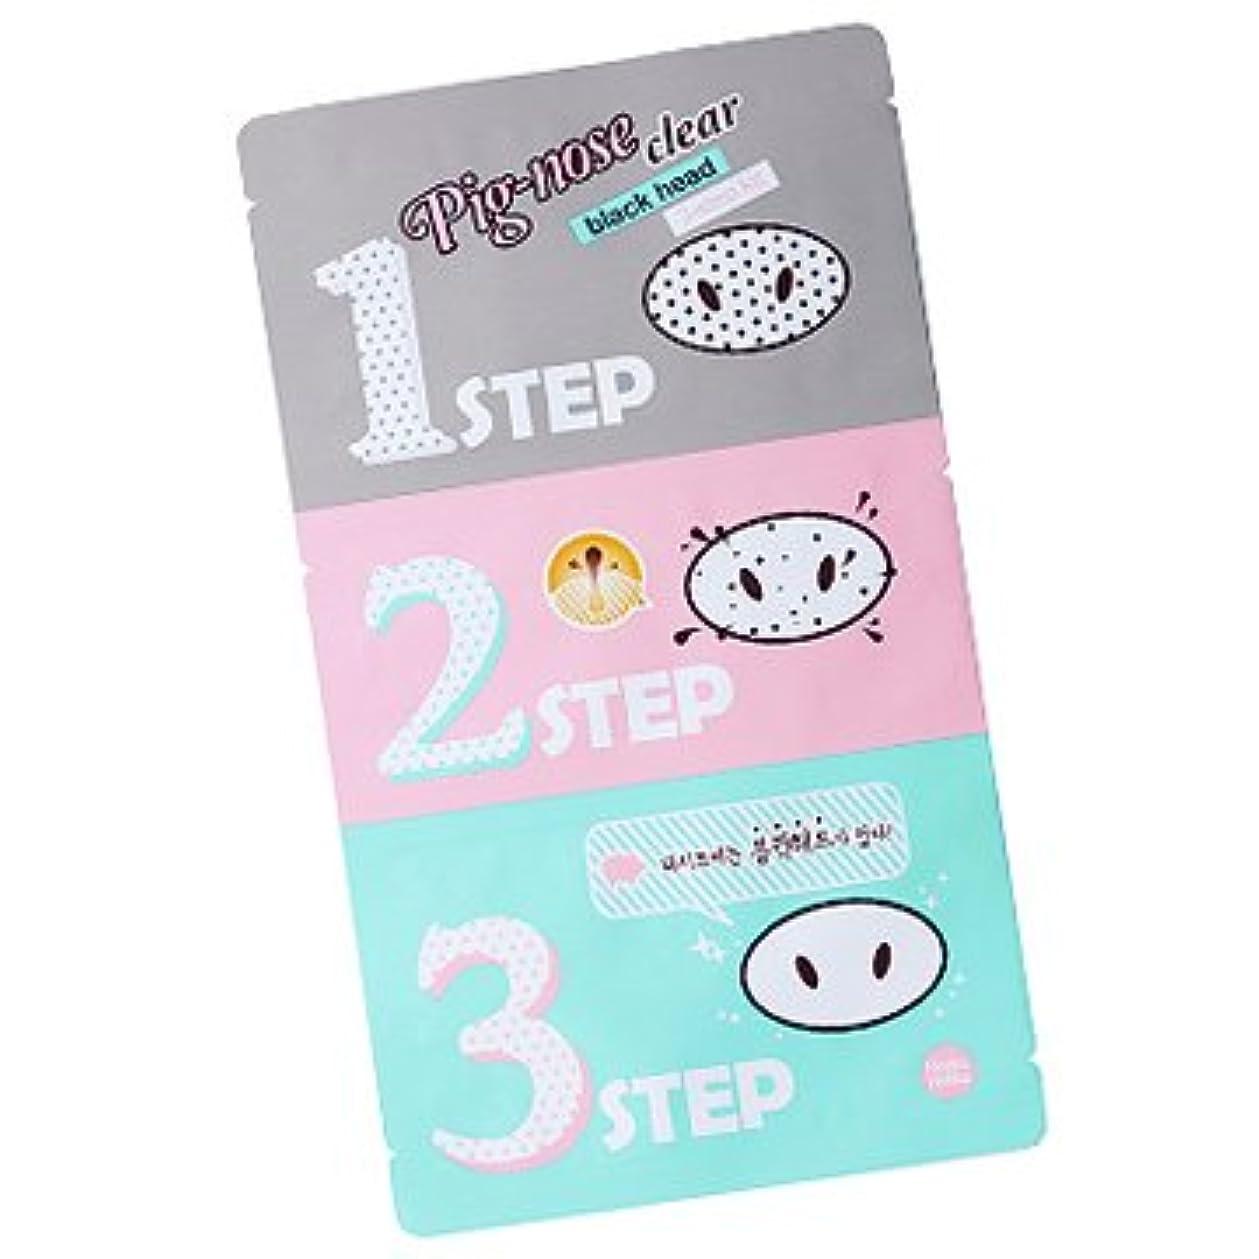 友だちパースブラックボロウブームHolika Holika Pig Nose Clear Black Head 3-Step Kit 3EA (Nose Pack) ホリカホリカ ピグノーズクリアブラックヘッド3-Stepキット(鼻パック) 3pcs...